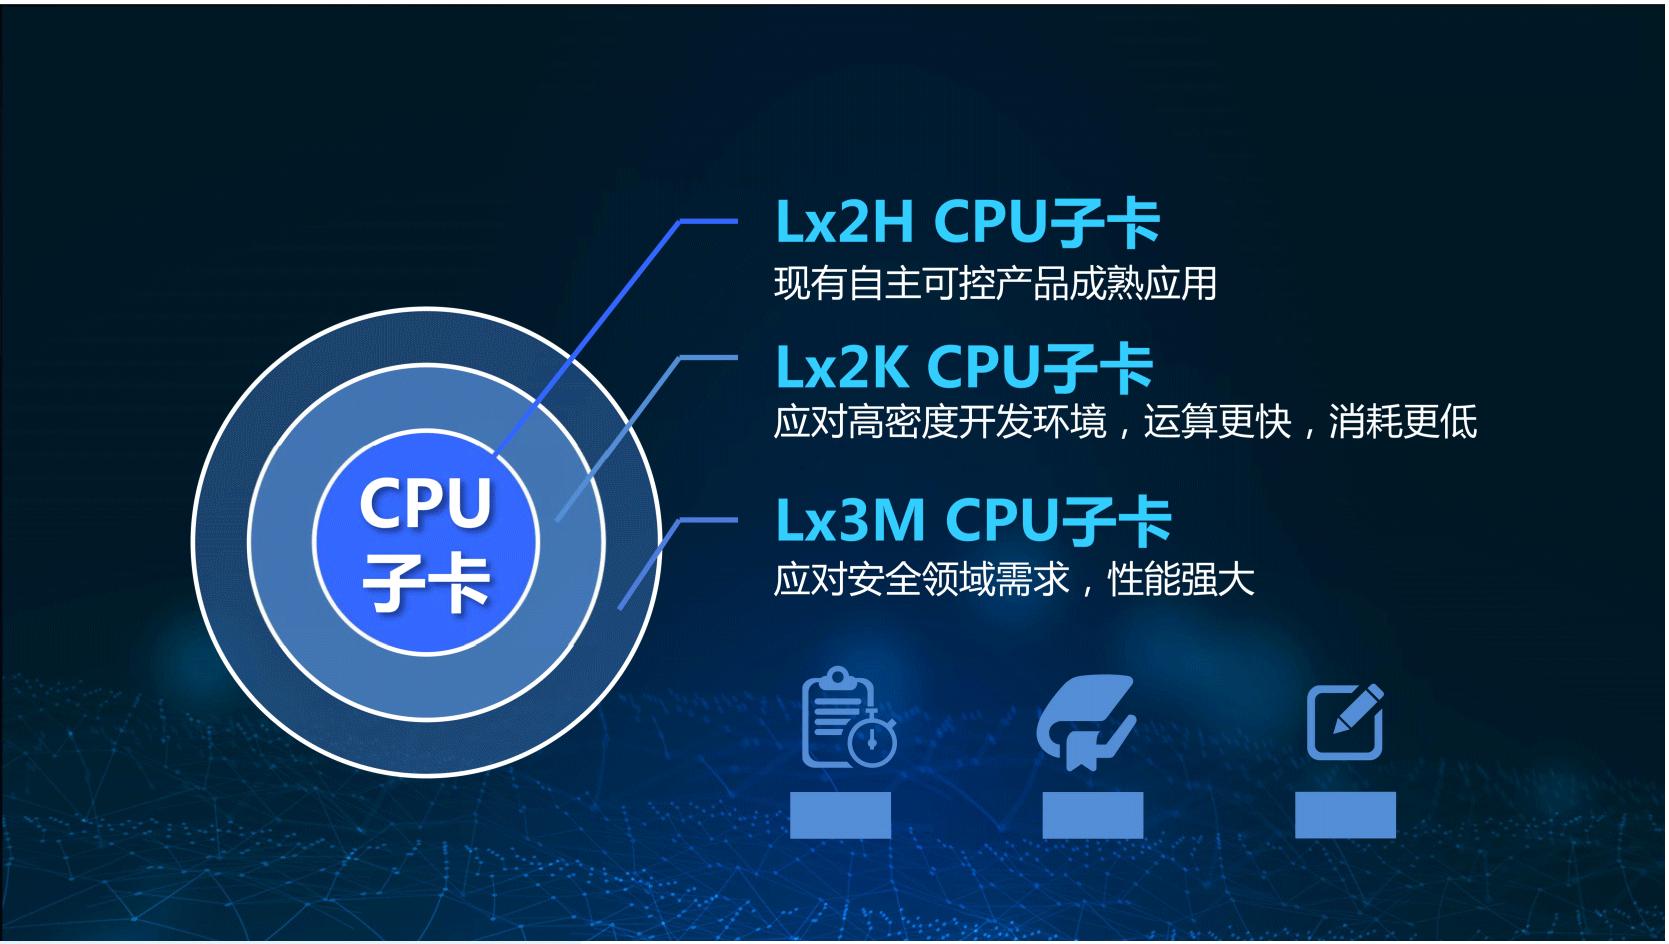 专网交换机龙芯CPU.png